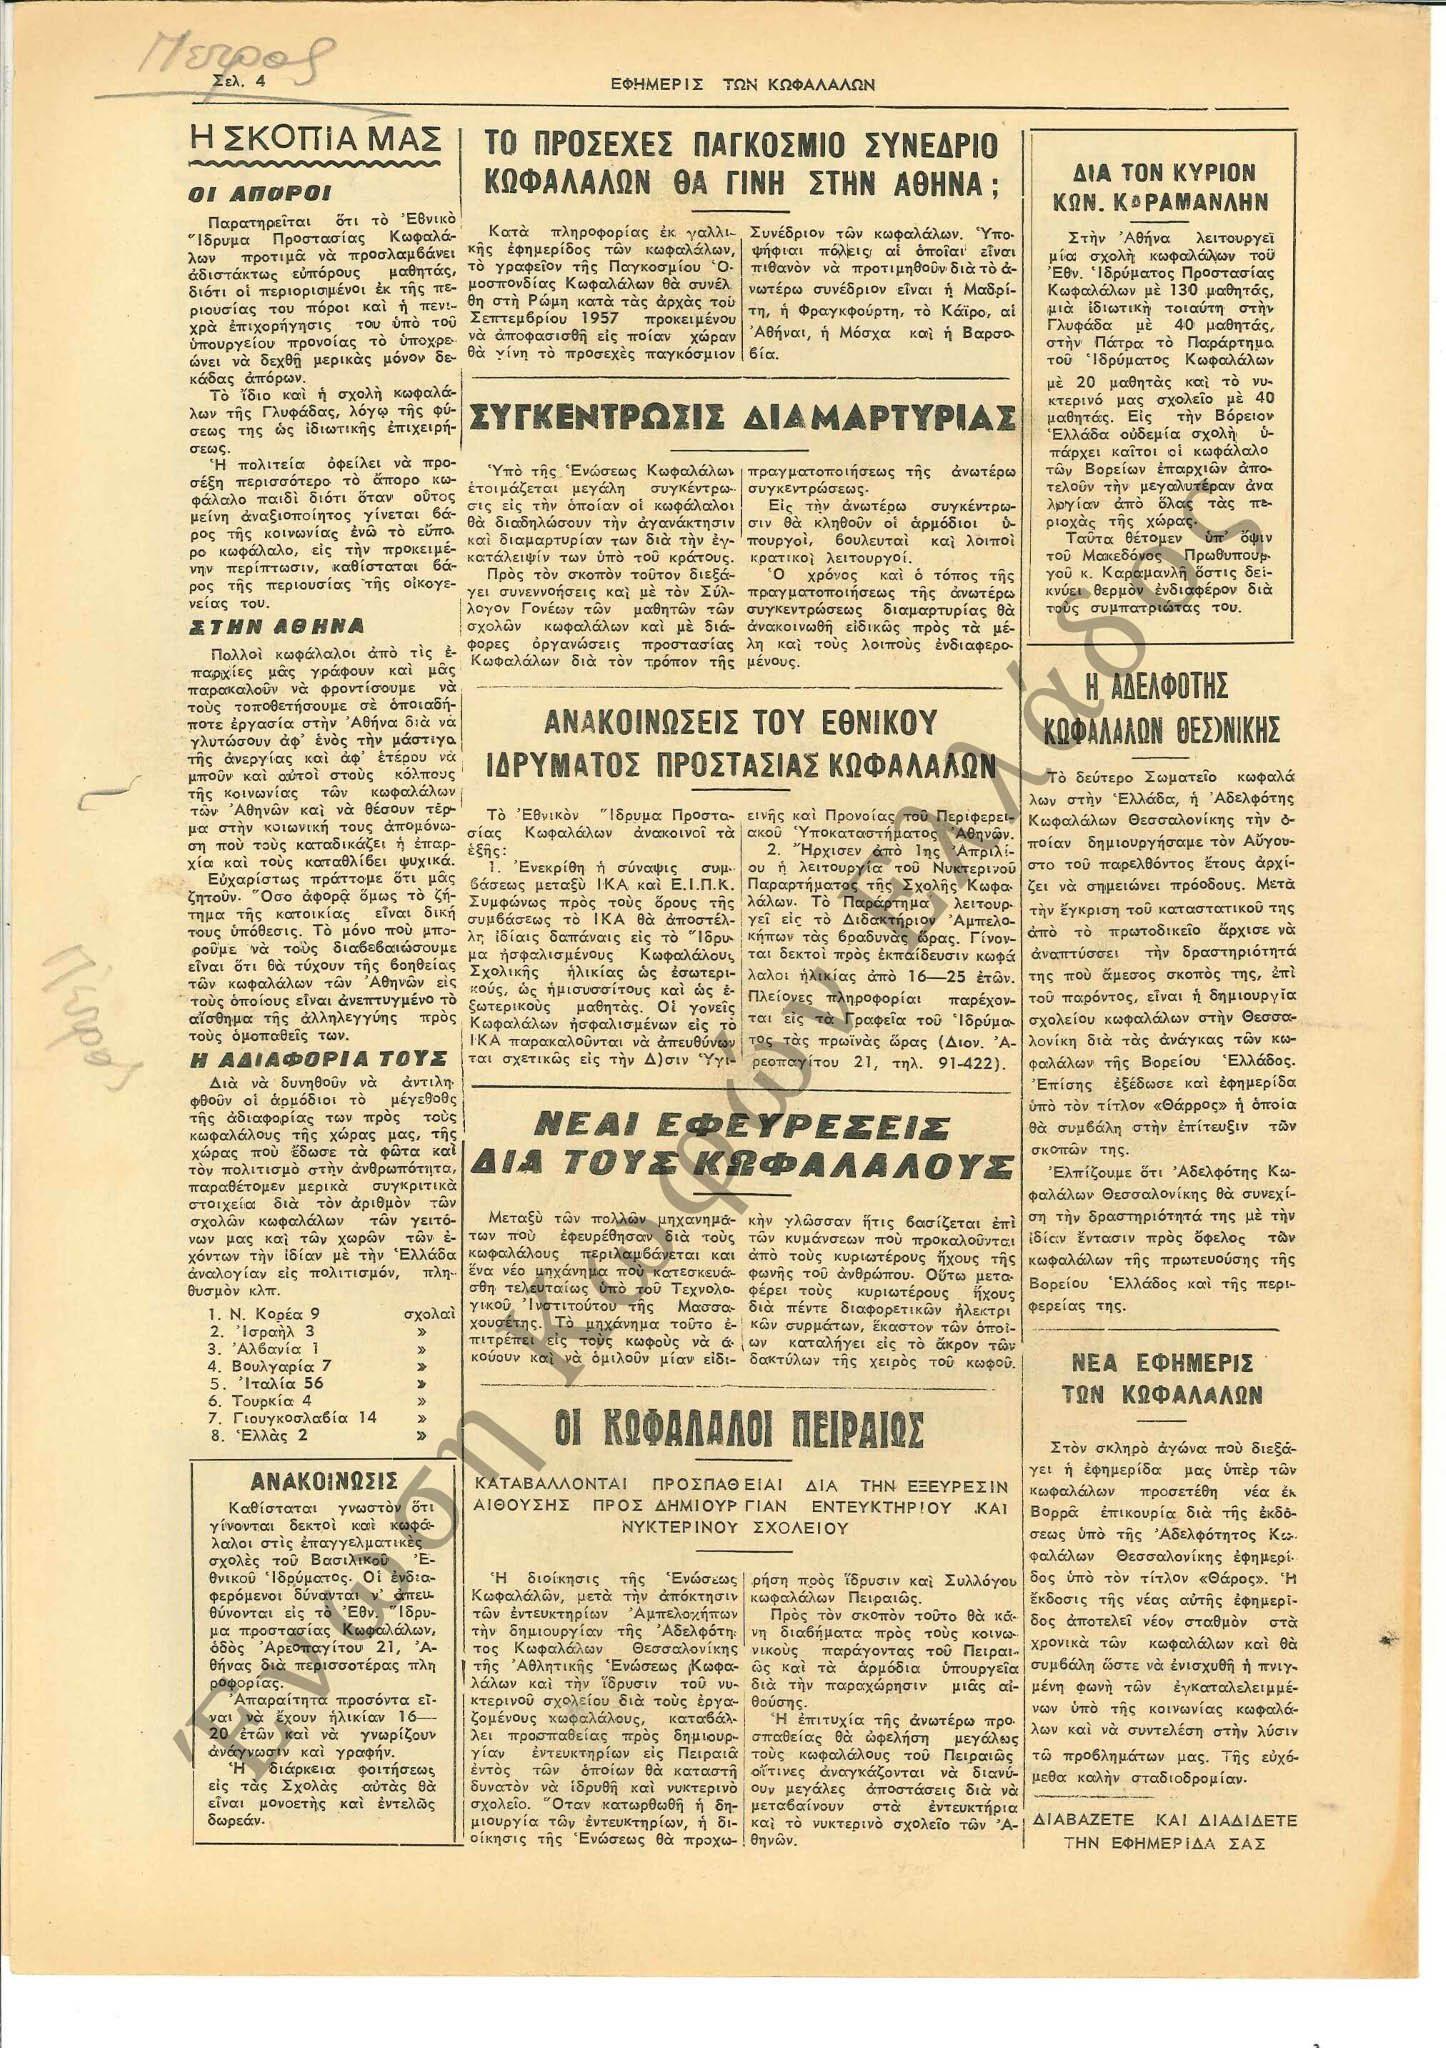 Εφημερίς των Κωφαλάλων 1957-Ιούνιος 4